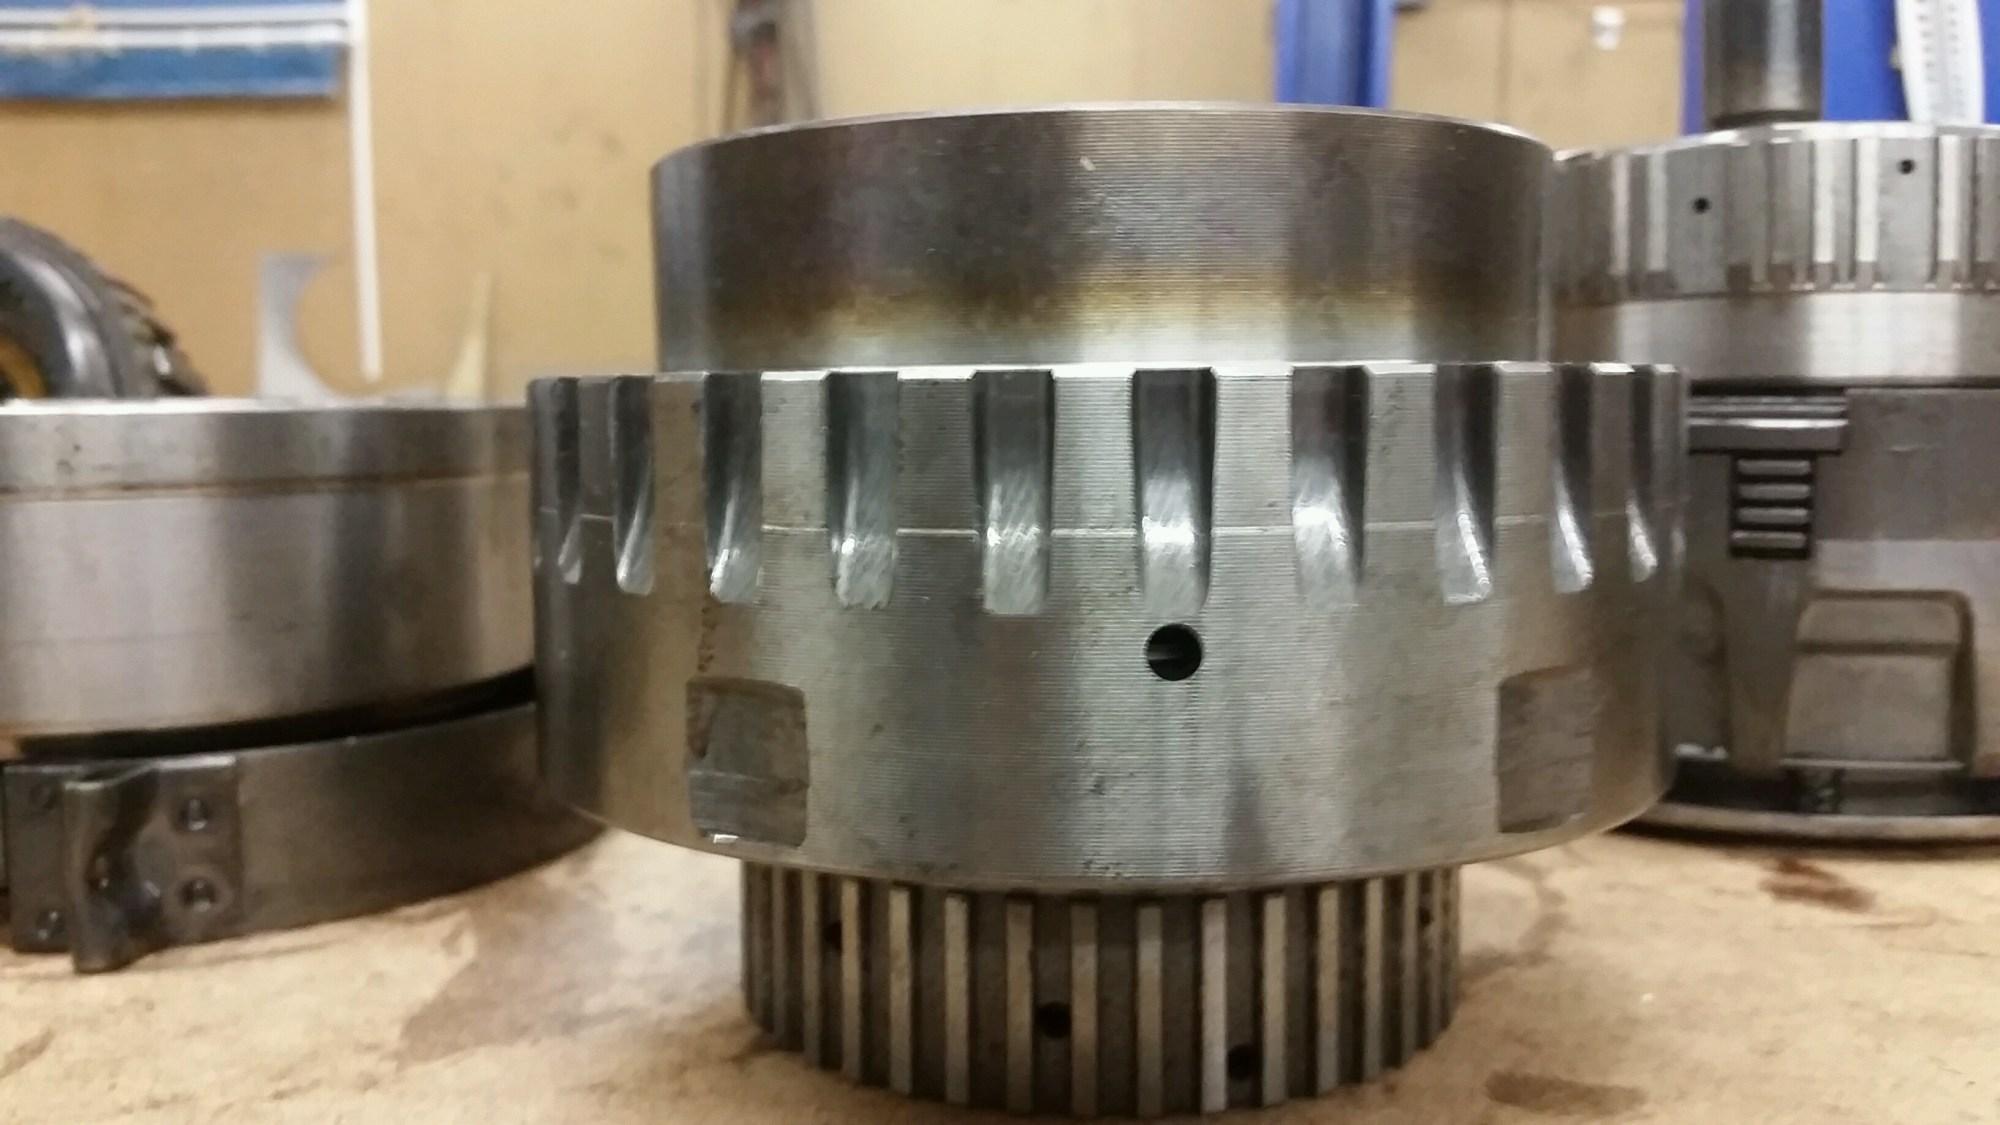 hight resolution of  4l80e trans rebuild kit part 1421973968939 20150122 193041 jpg